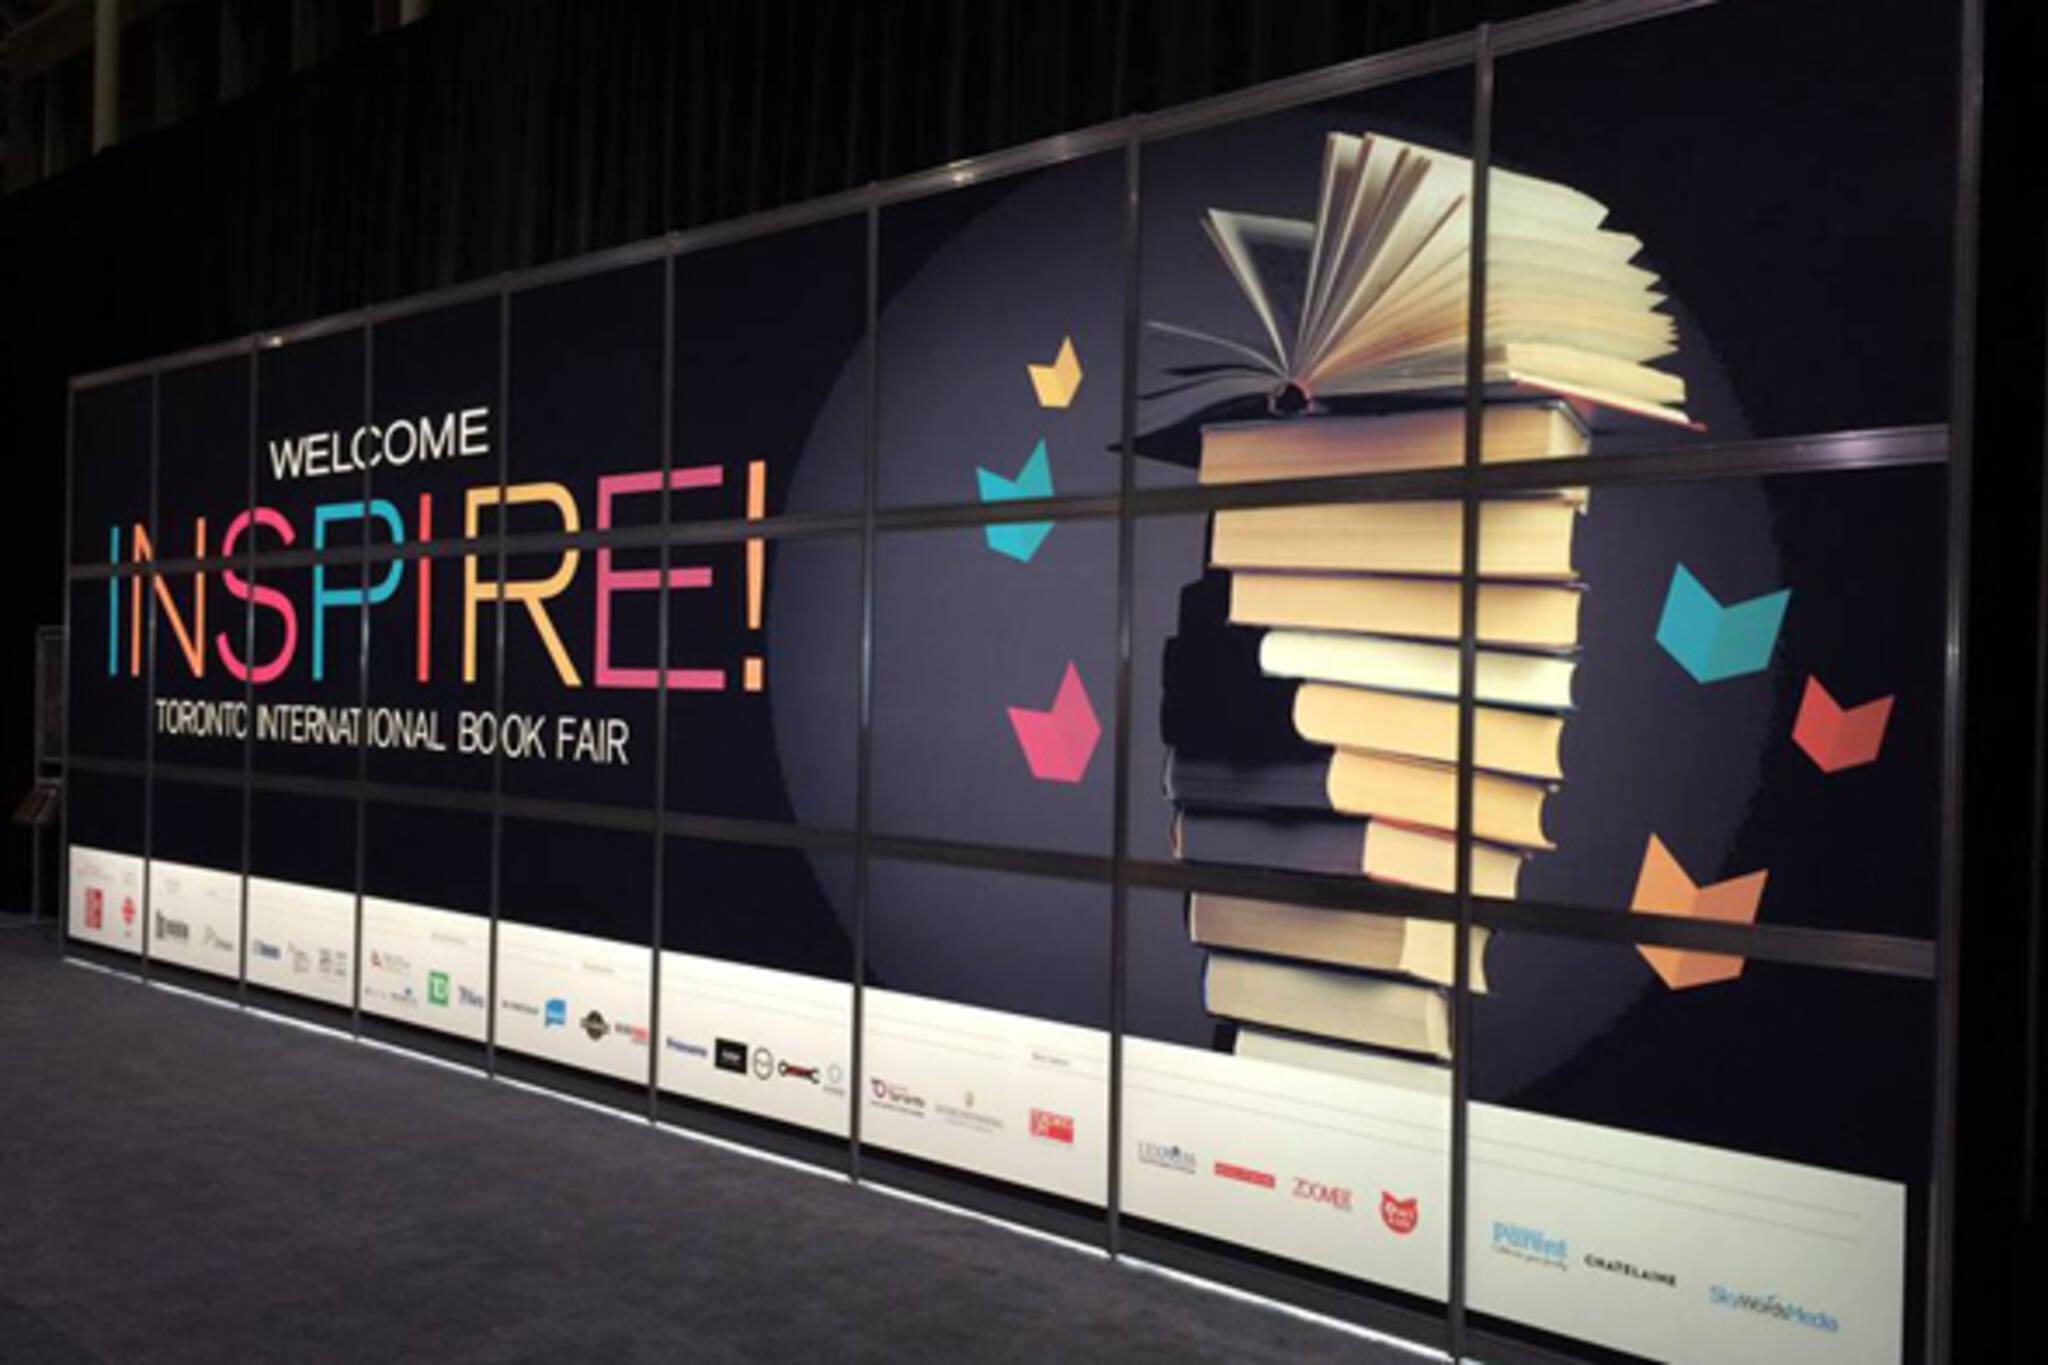 toronto book fair